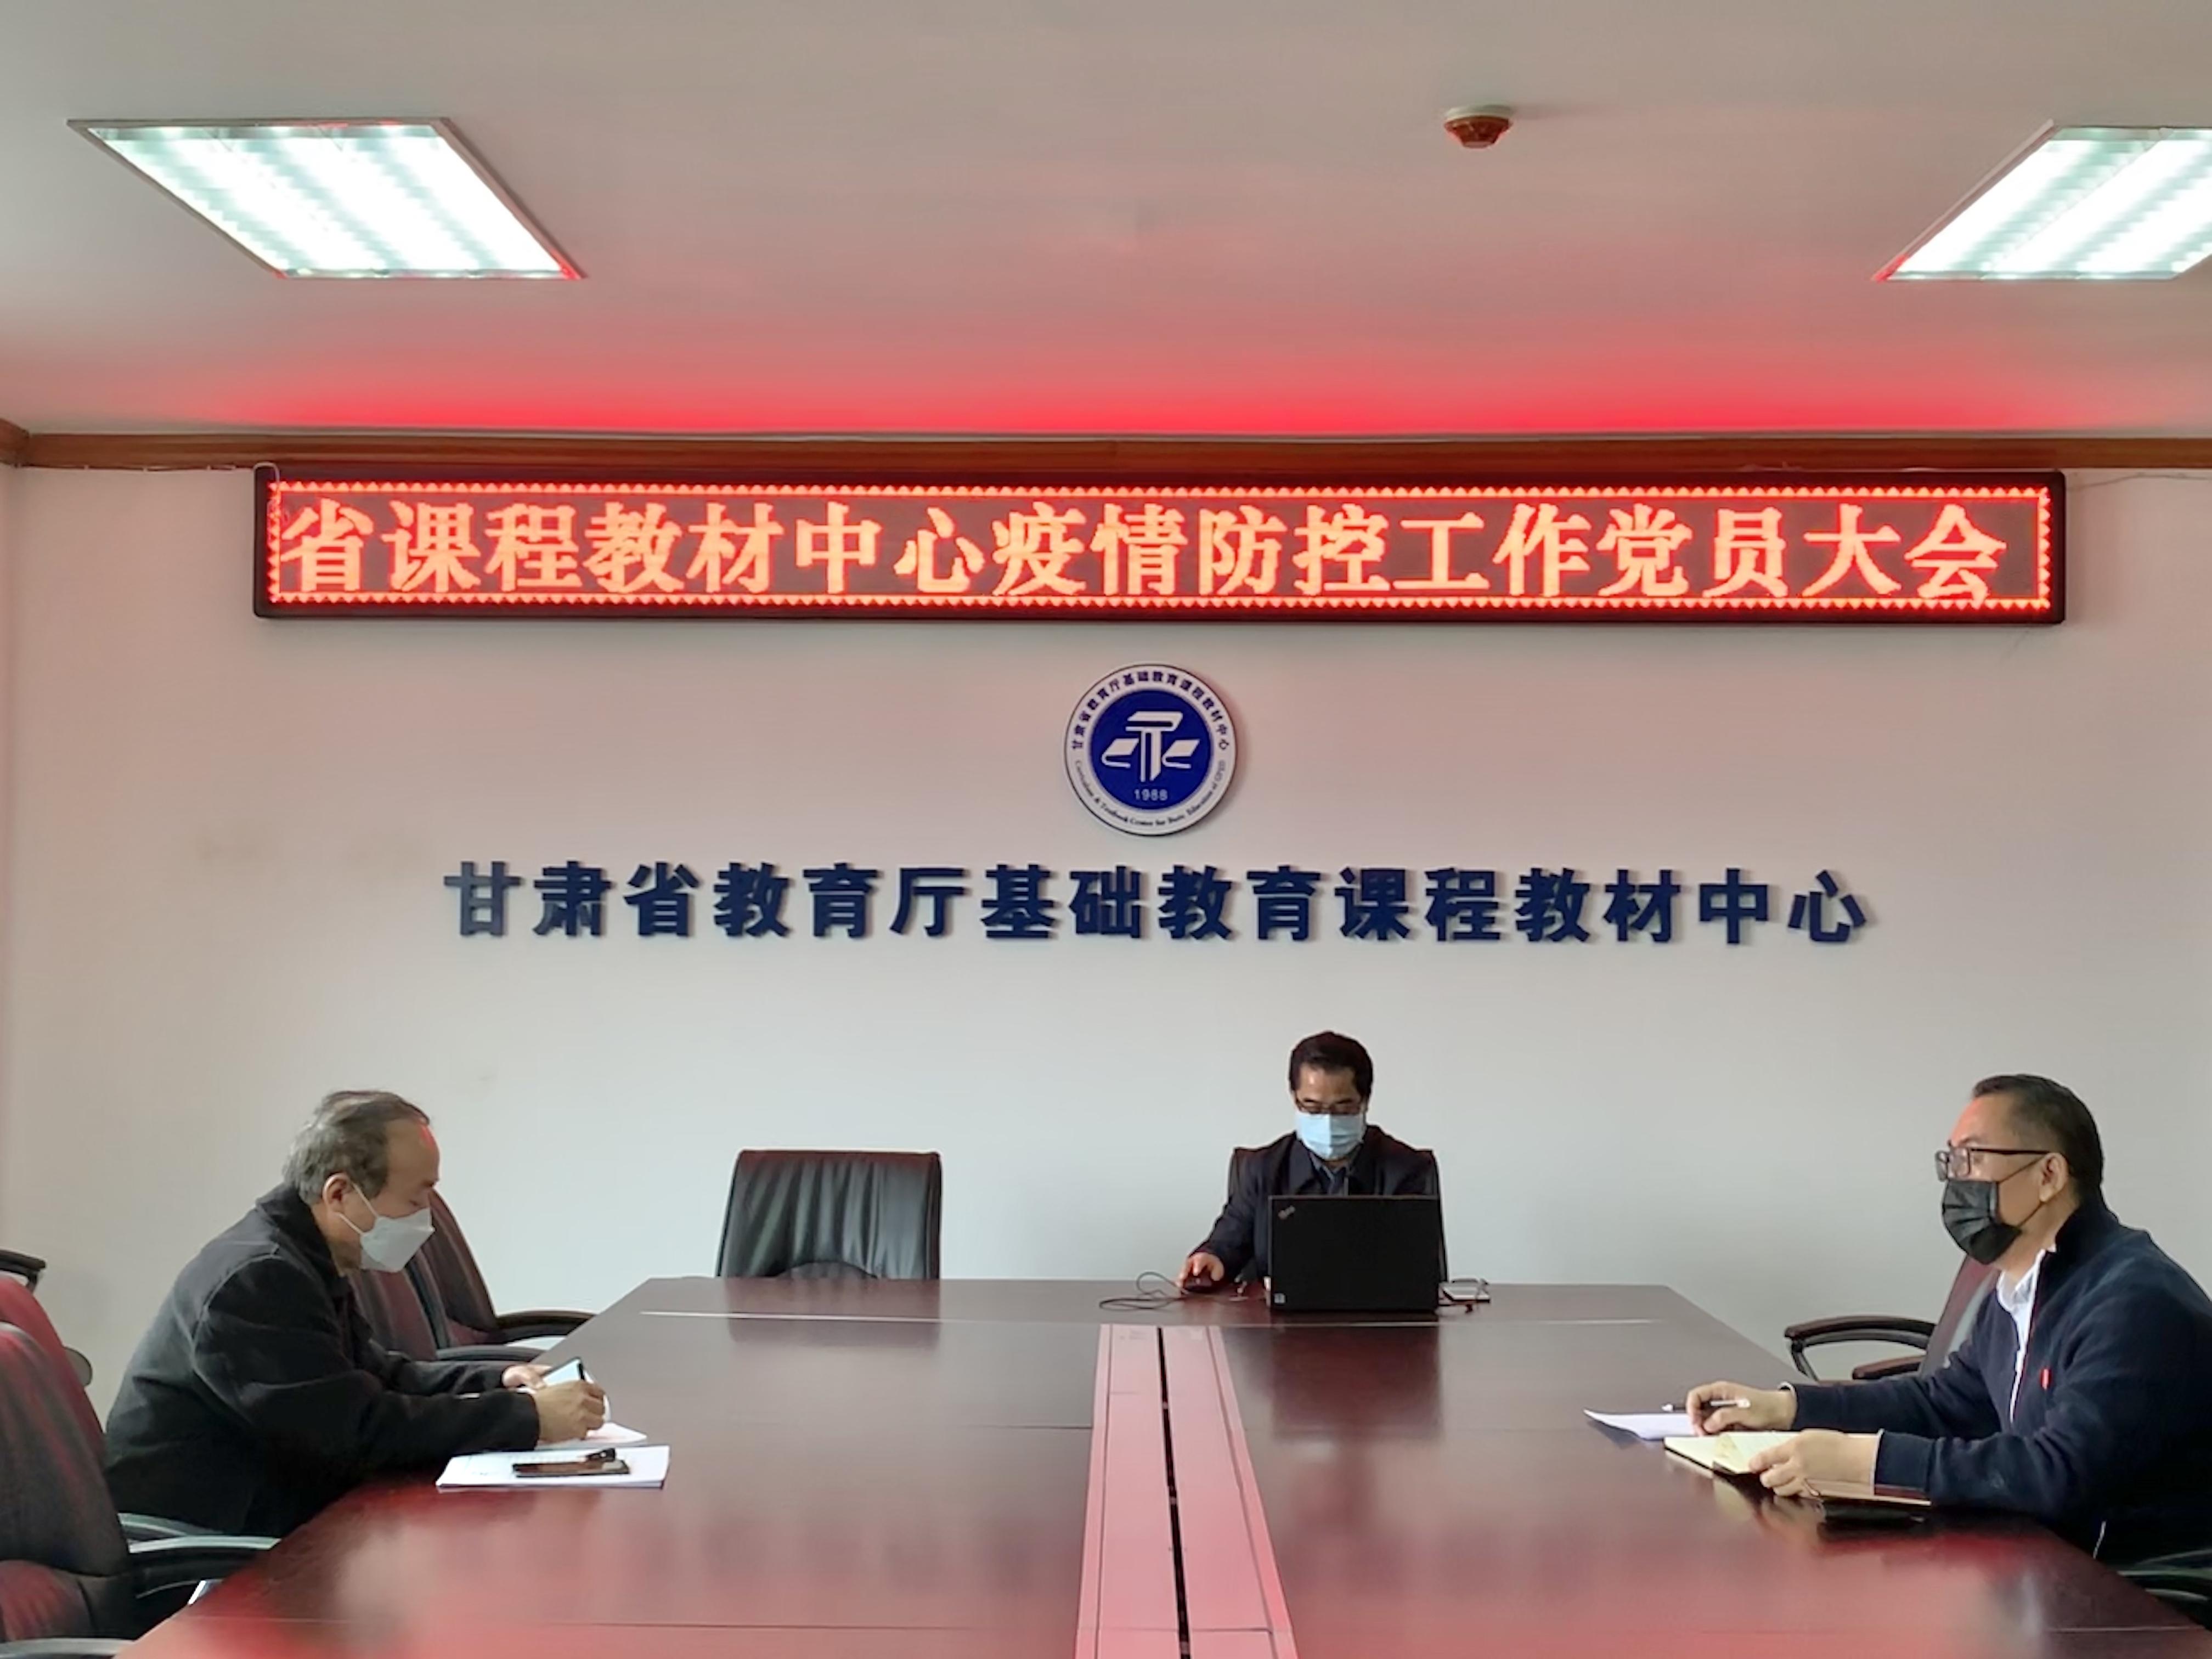 省课程教材中心召开全体党员大会强化安排部